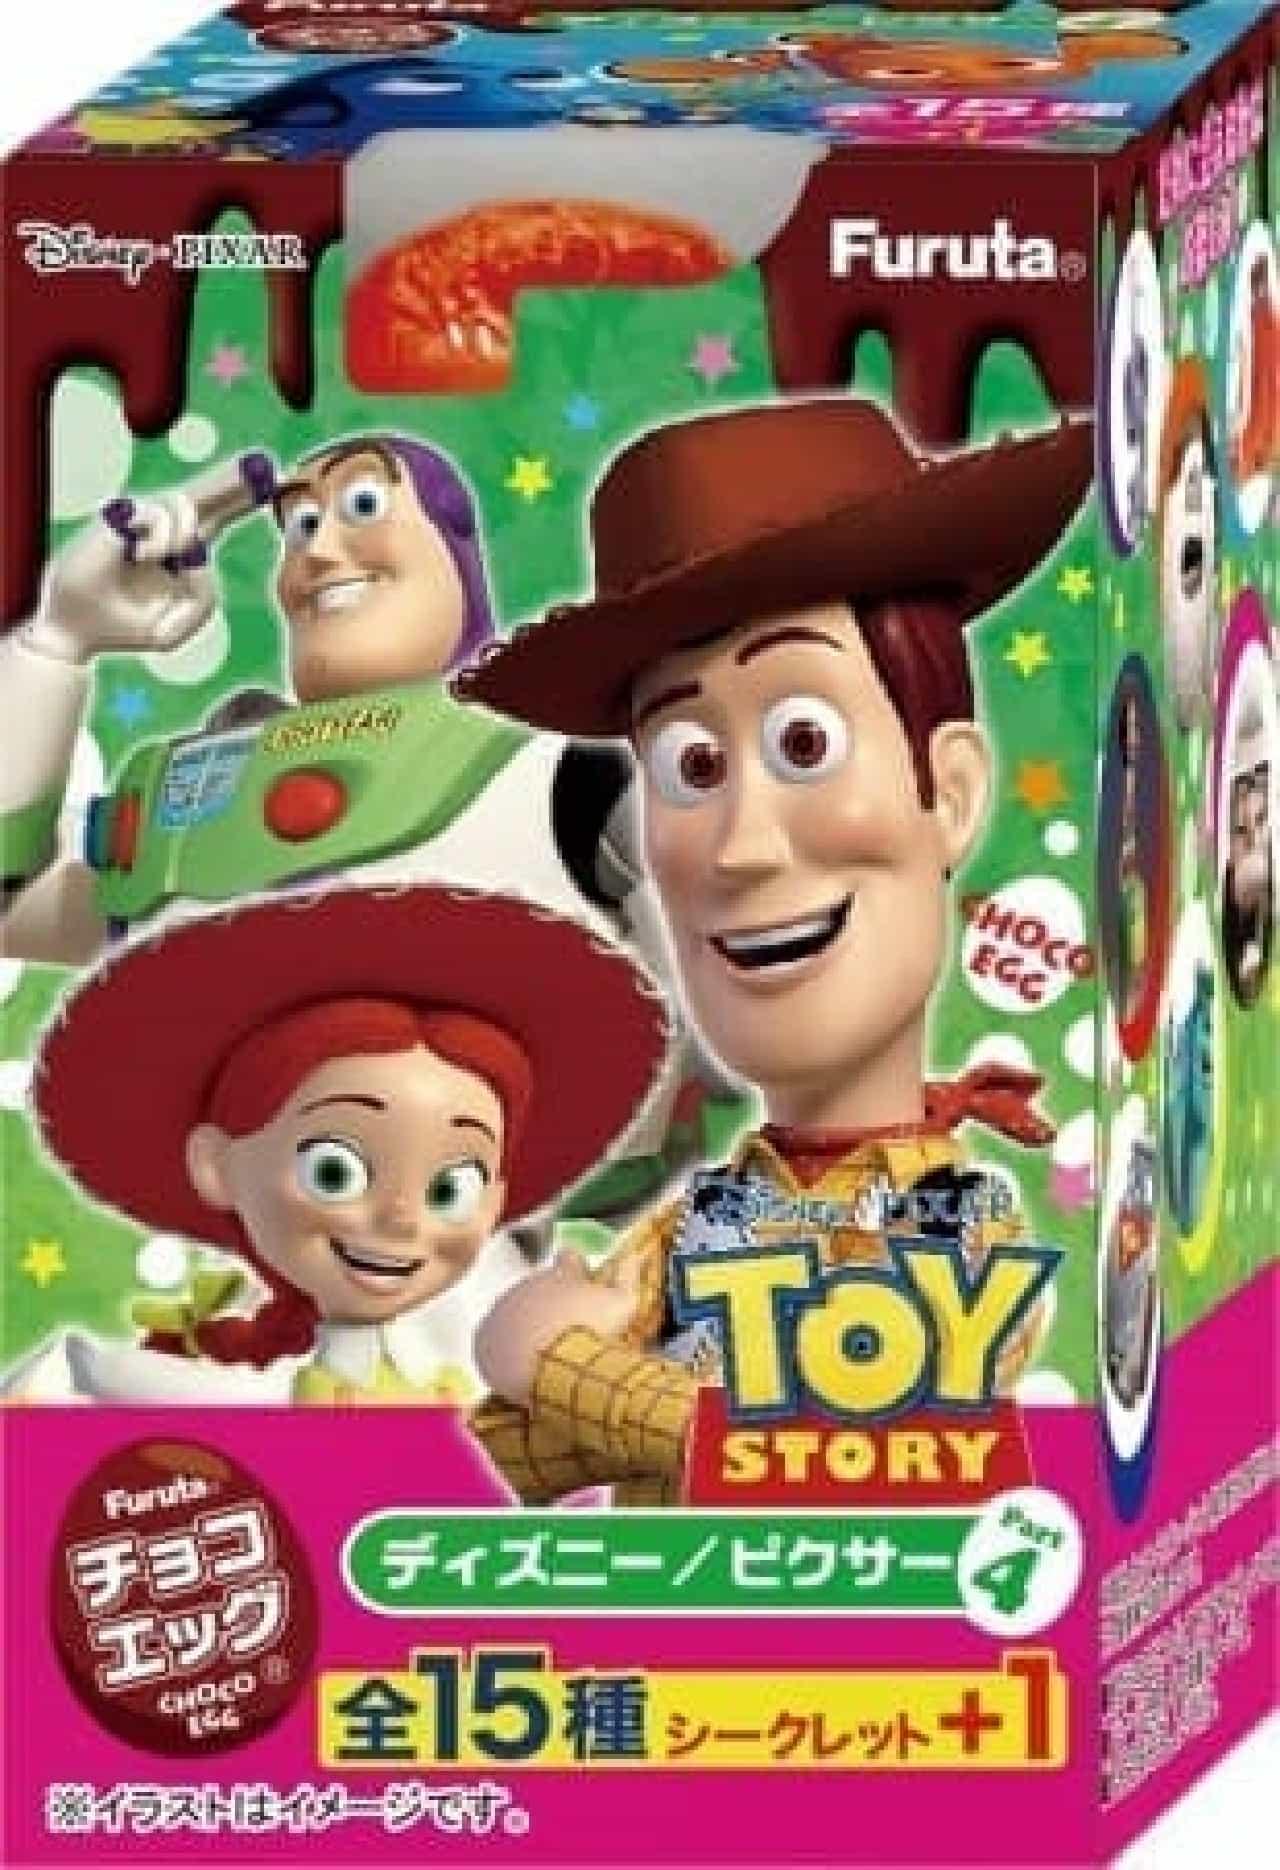 フルタ製菓「チョコエッグ ディズニー/ピクサー第4弾」